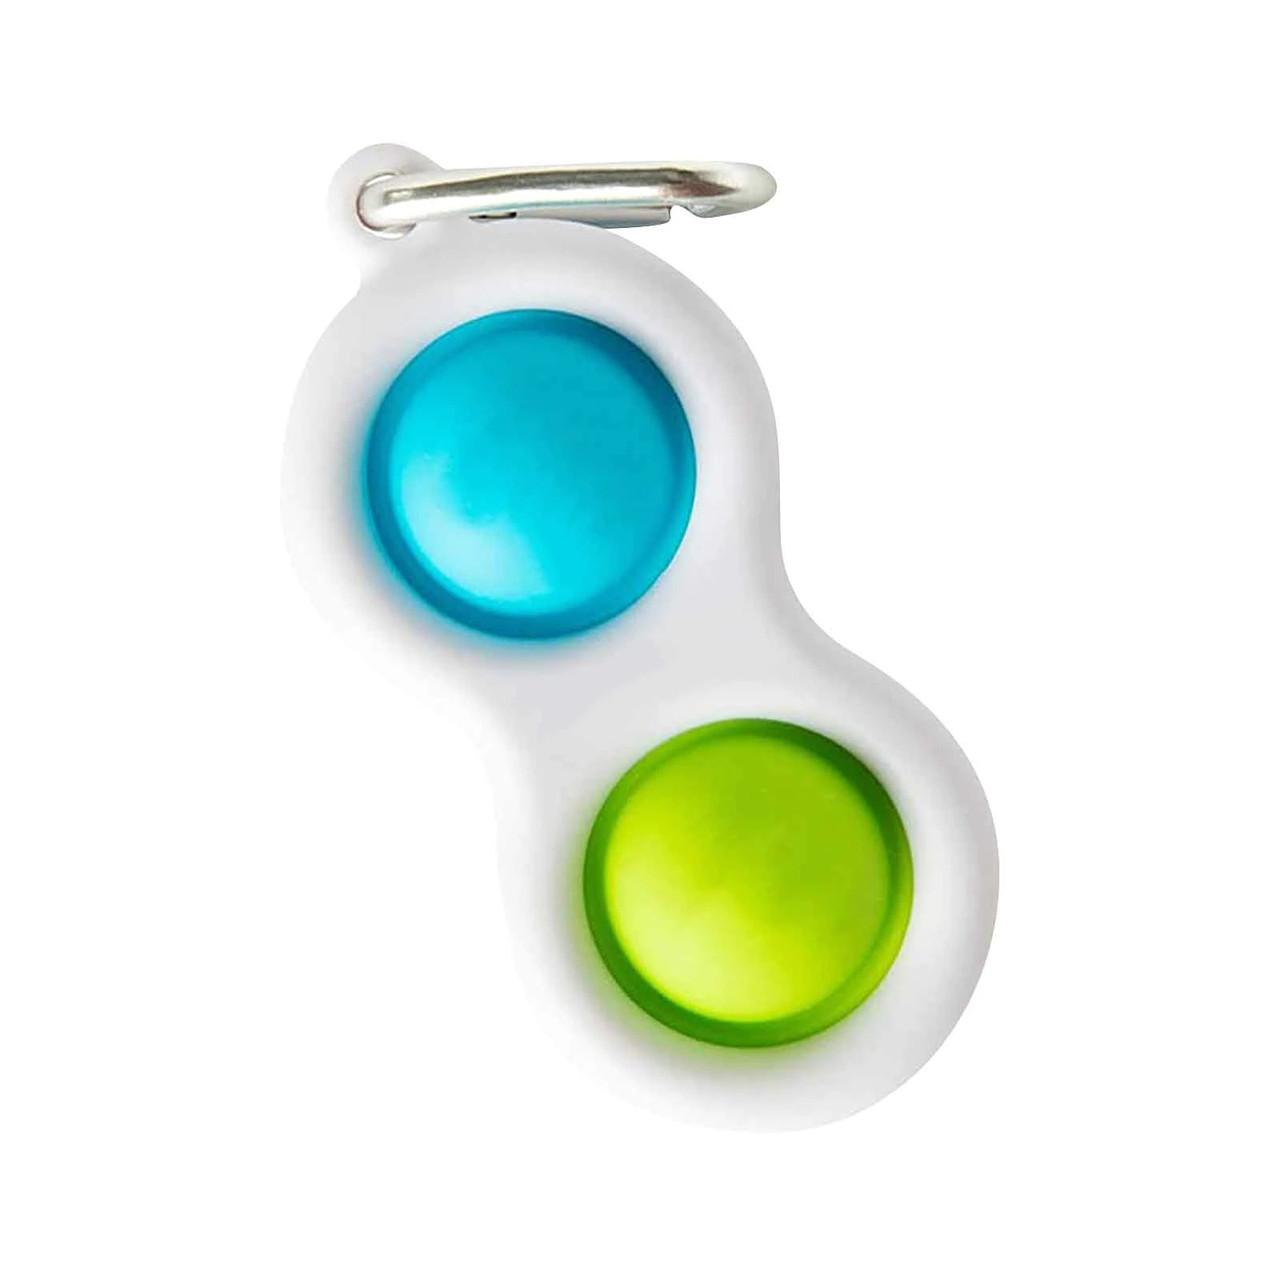 Сенсорная игрушка Simple Dimple поп ит антистресс симпл димпл pop it горошек разноцветный 1